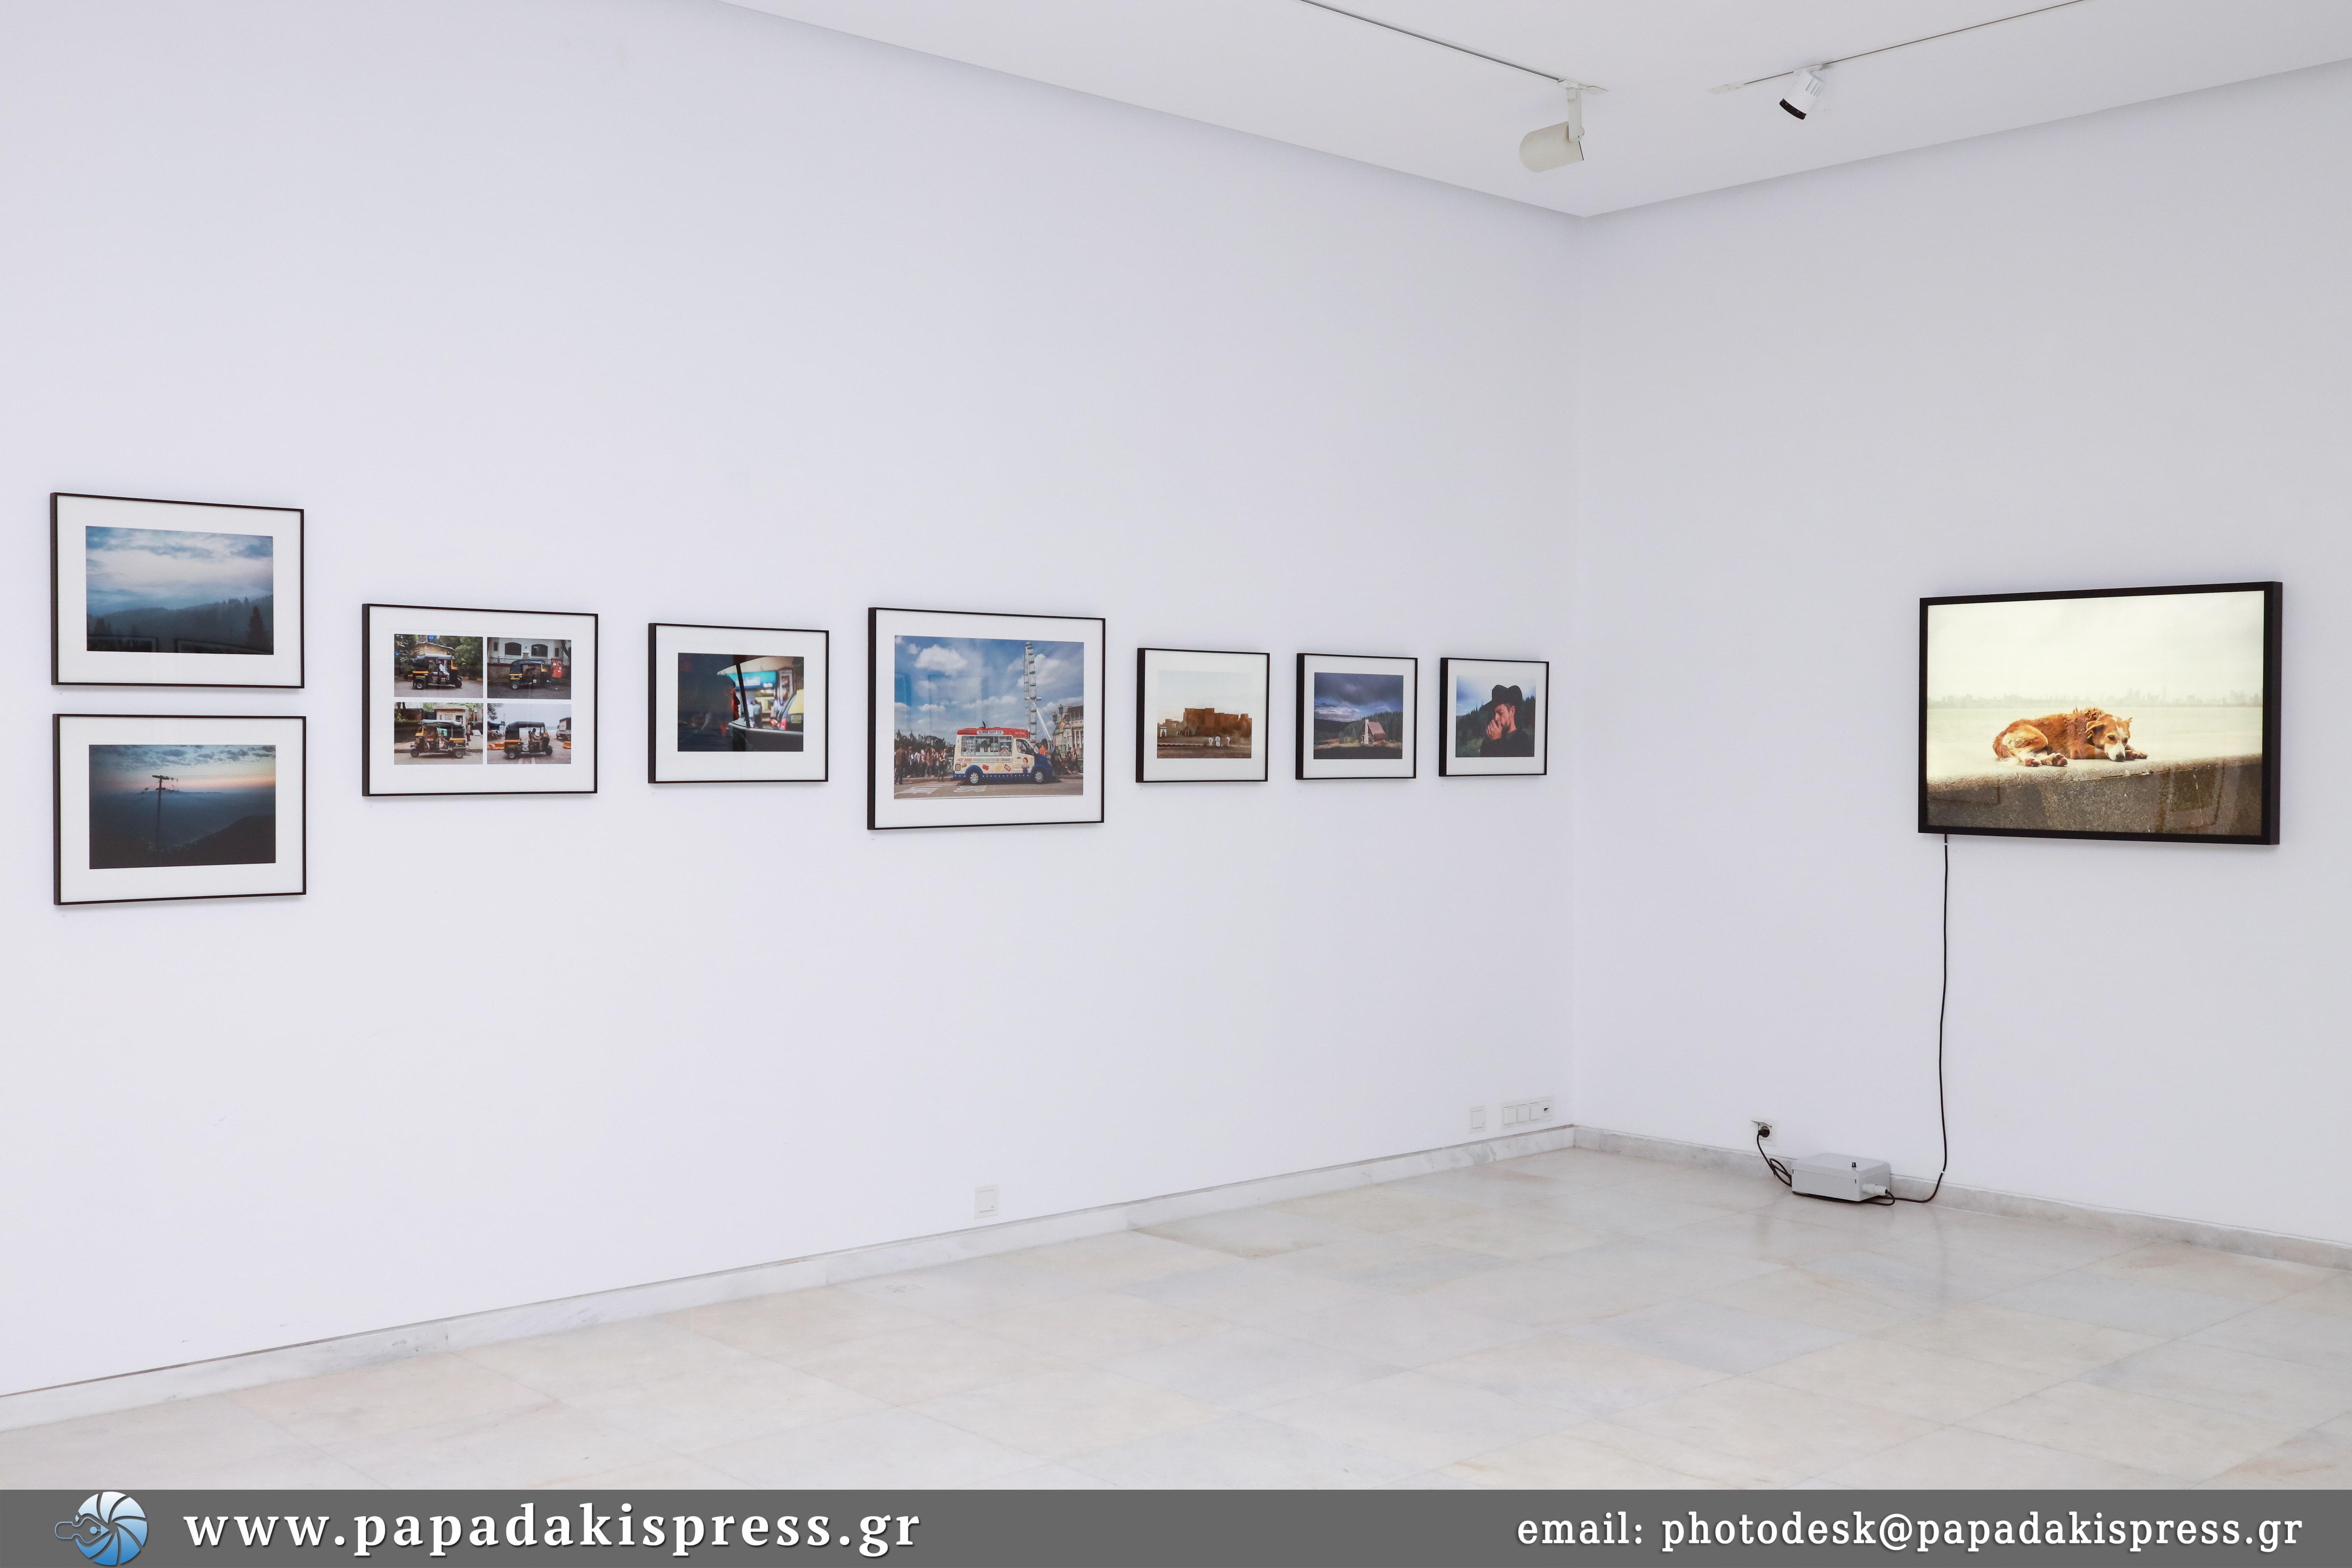 Εγκαίνια της έκθεσης φωτογραφίας «Νόστος & Άλγος» @Γκαλερί Ζουμπουλάκη 2